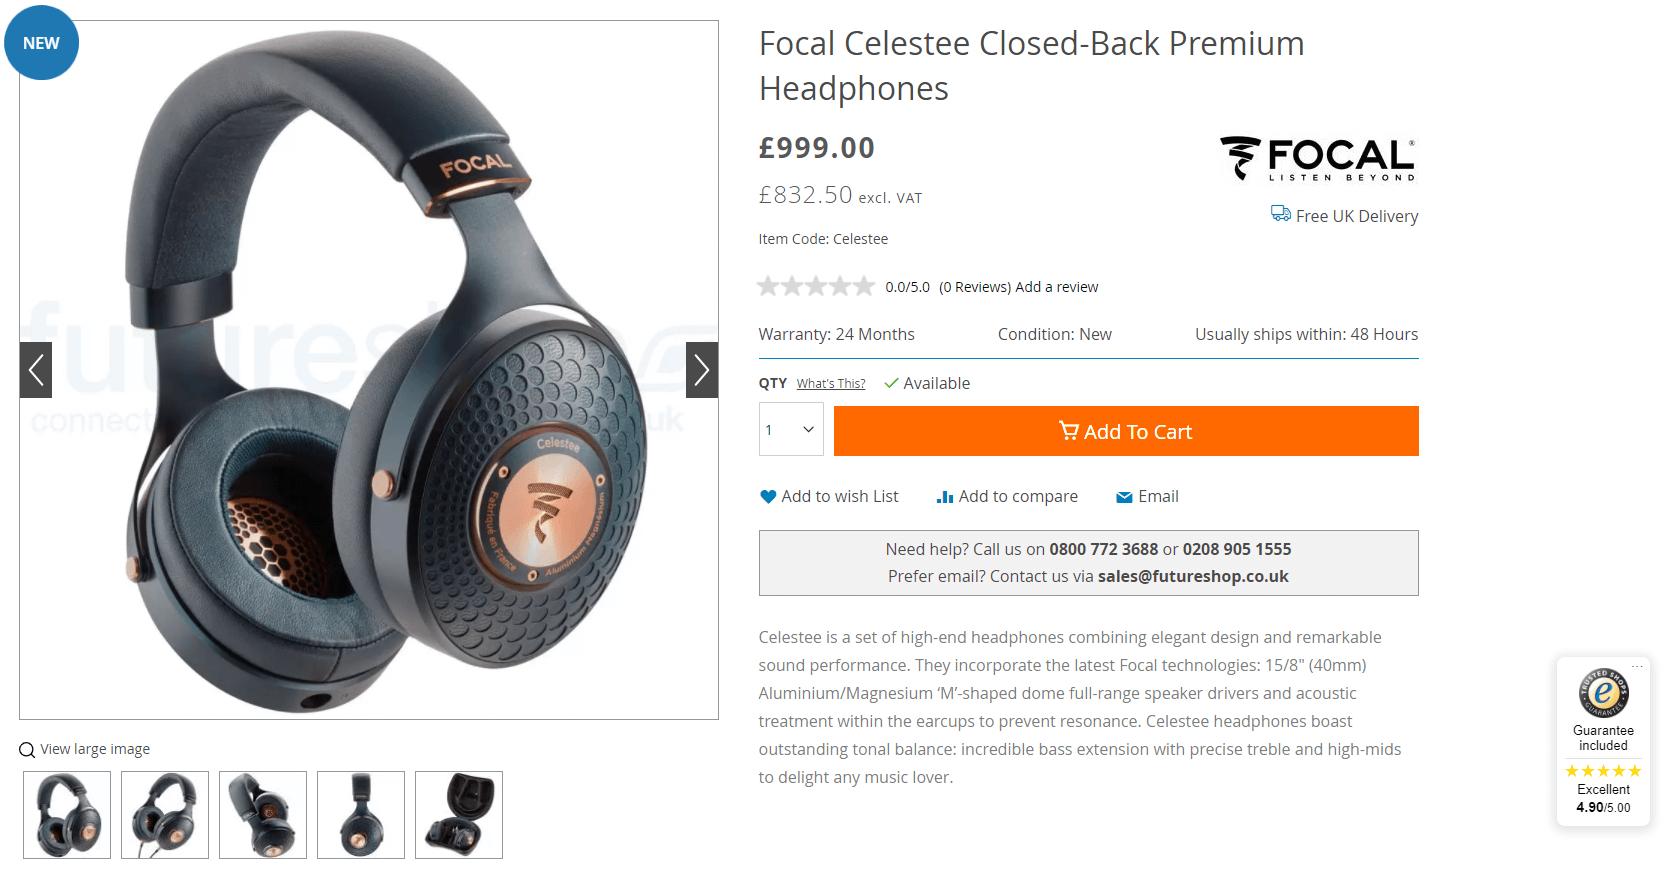 headphones_product_description